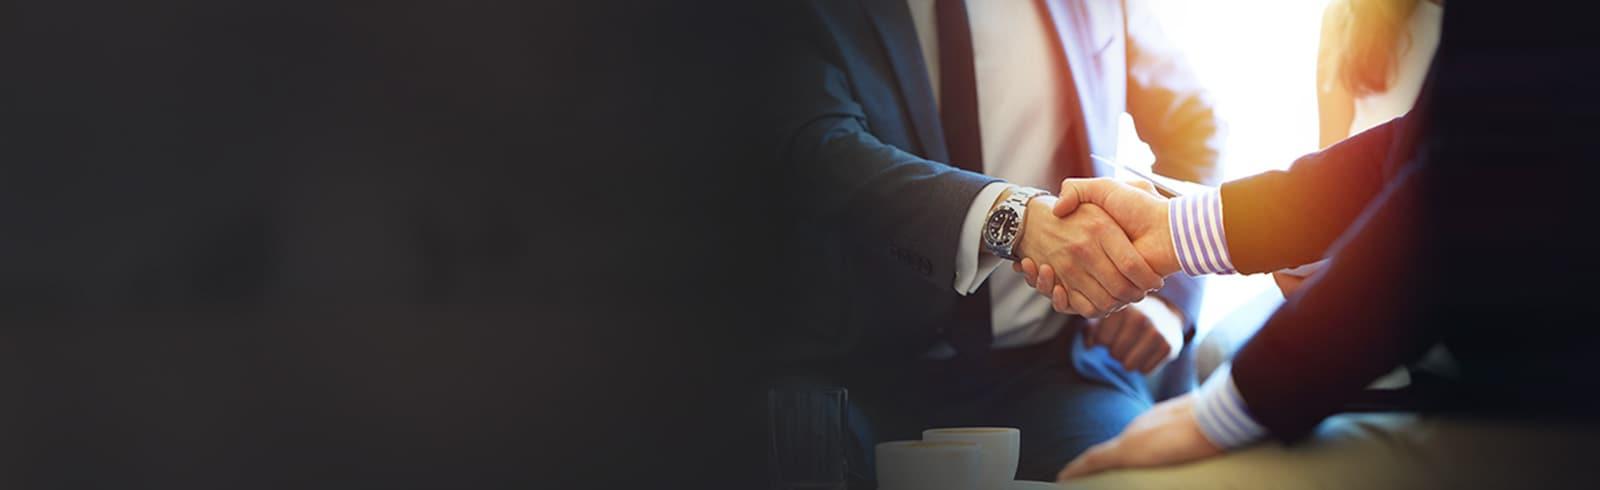 兩位西裝男士握手